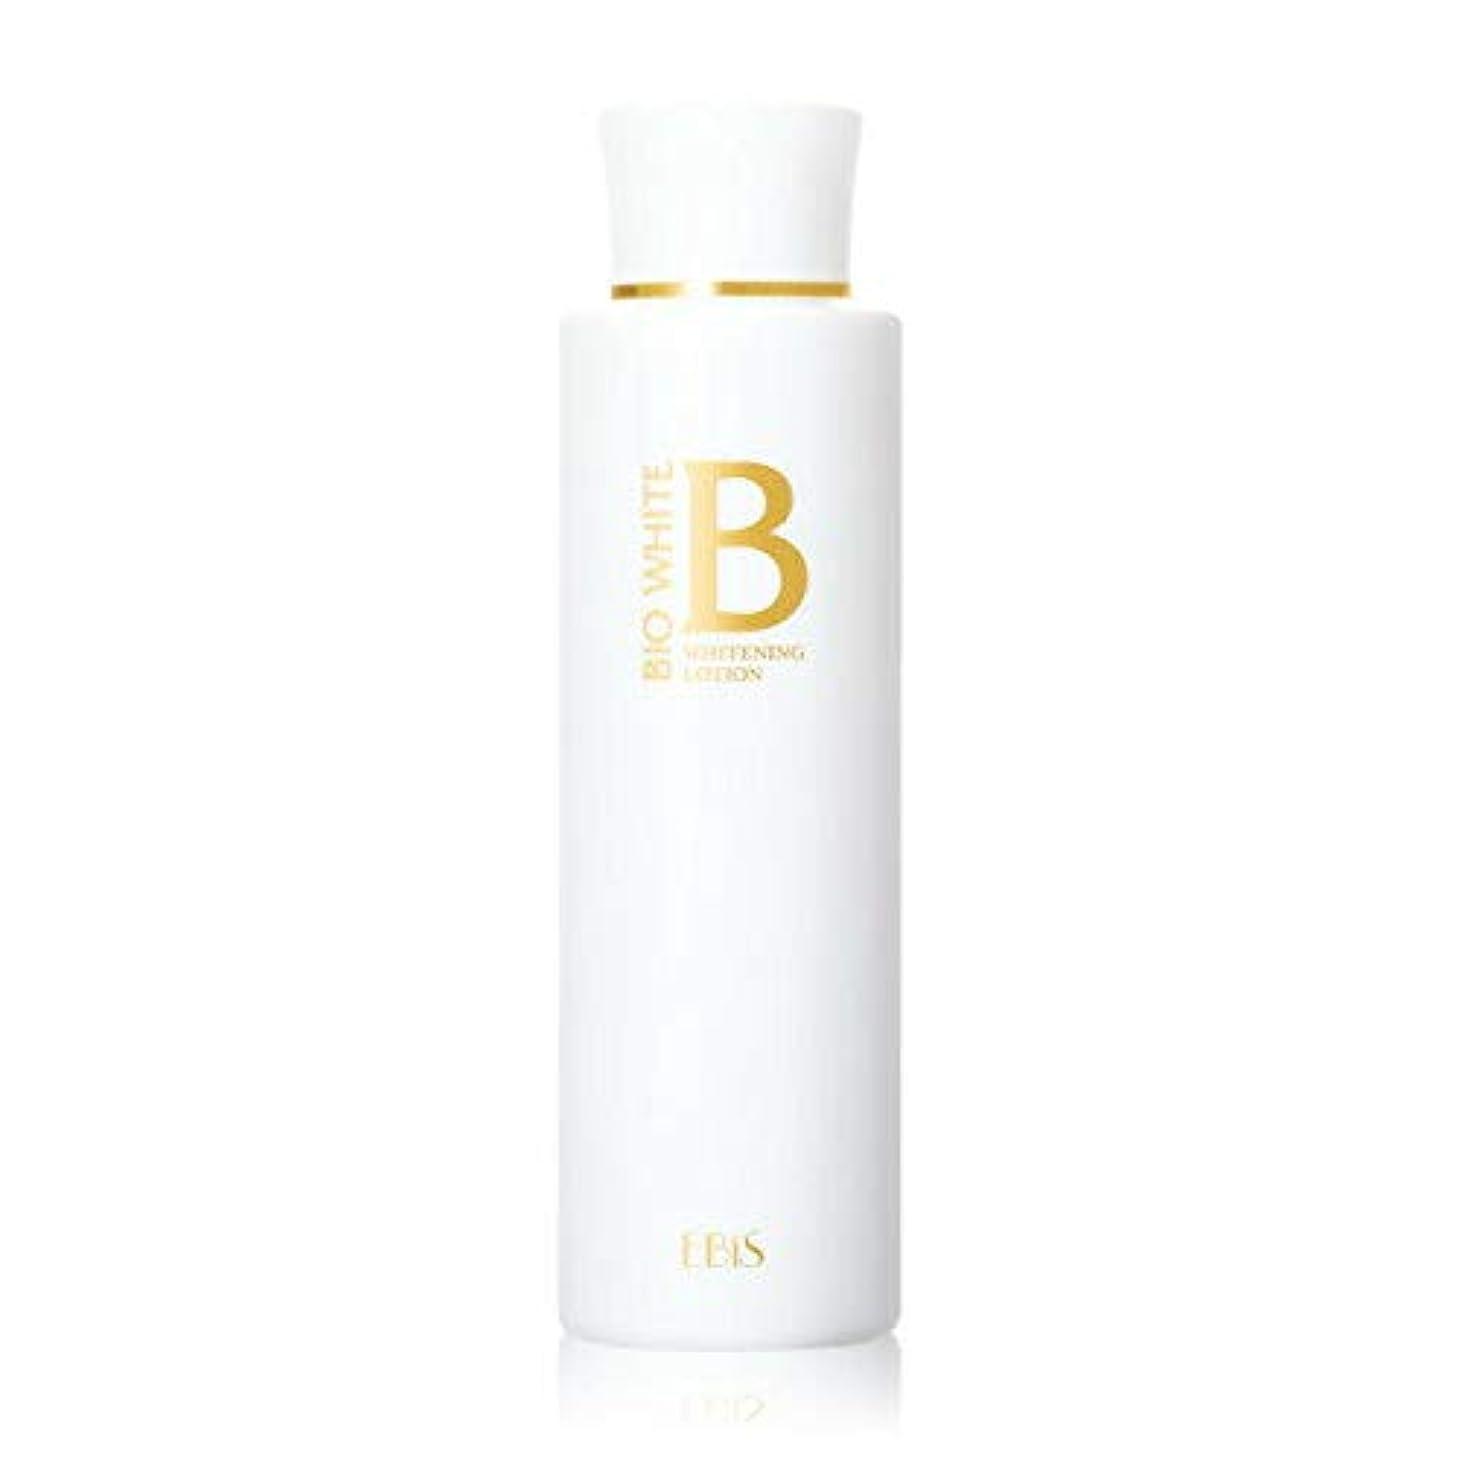 一貫性のないハーネス付けるエビス化粧品(EBiS) エビス ビーホワイトローション 150ml 美白化粧水 トラネキサム酸 配合 医薬部外品